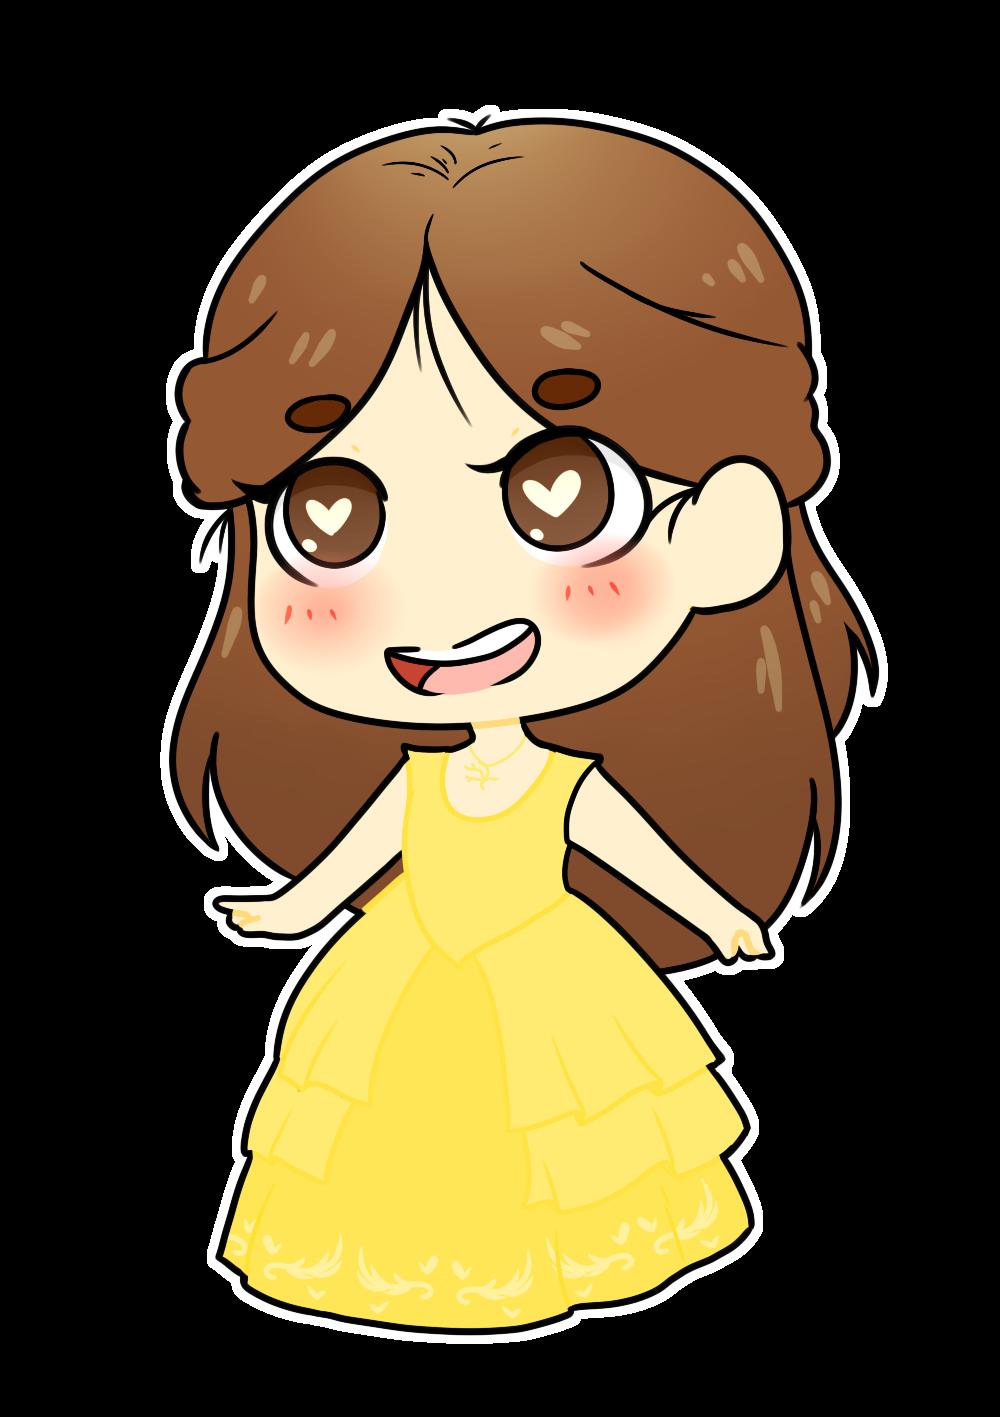 princess belle chibi công chúa người đẹp và quái vật 1